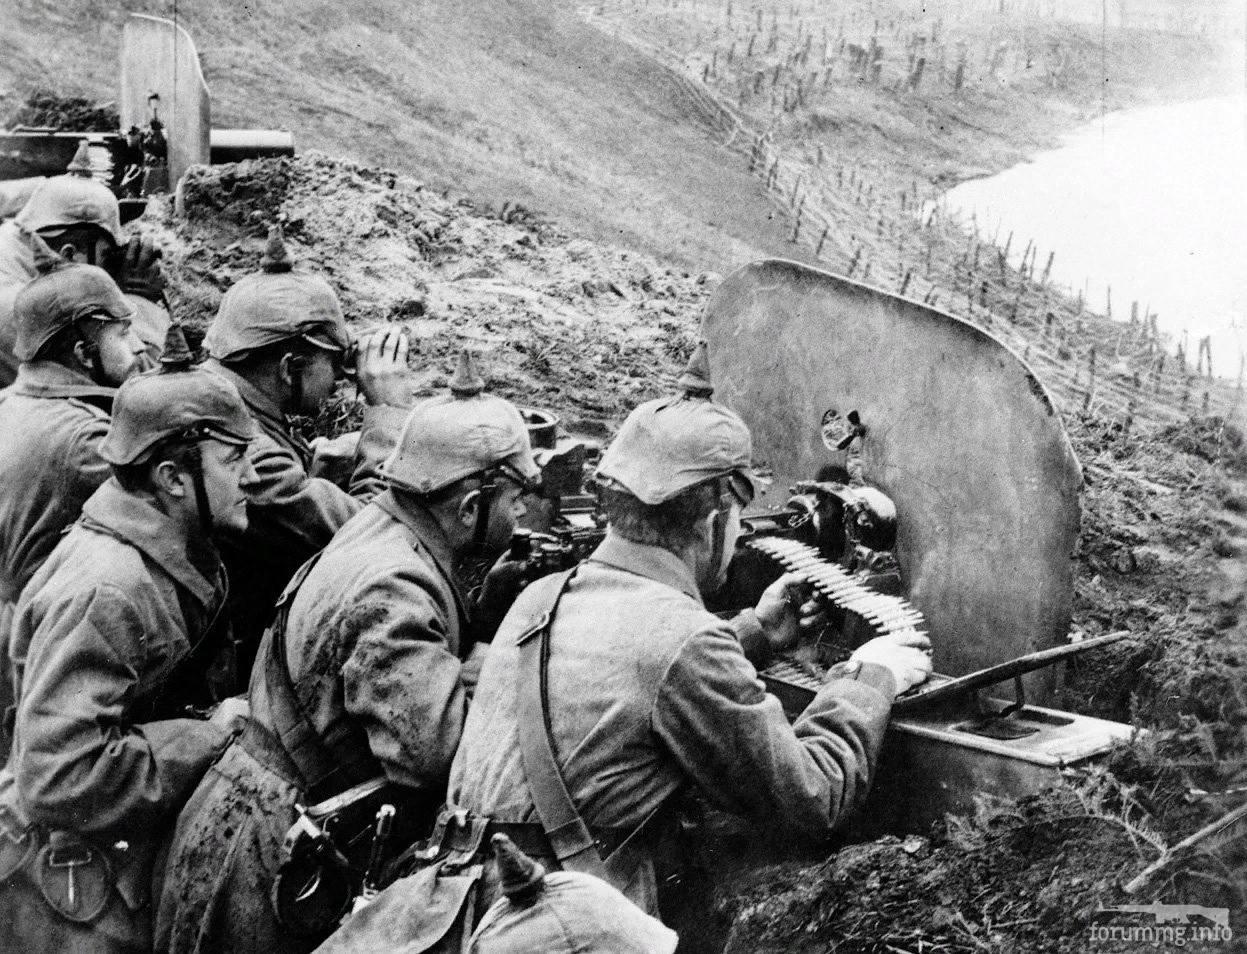 131695 - Военное фото. Восточный и итальянский фронты, Азия, Дальний Восток 1914-1918г.г.